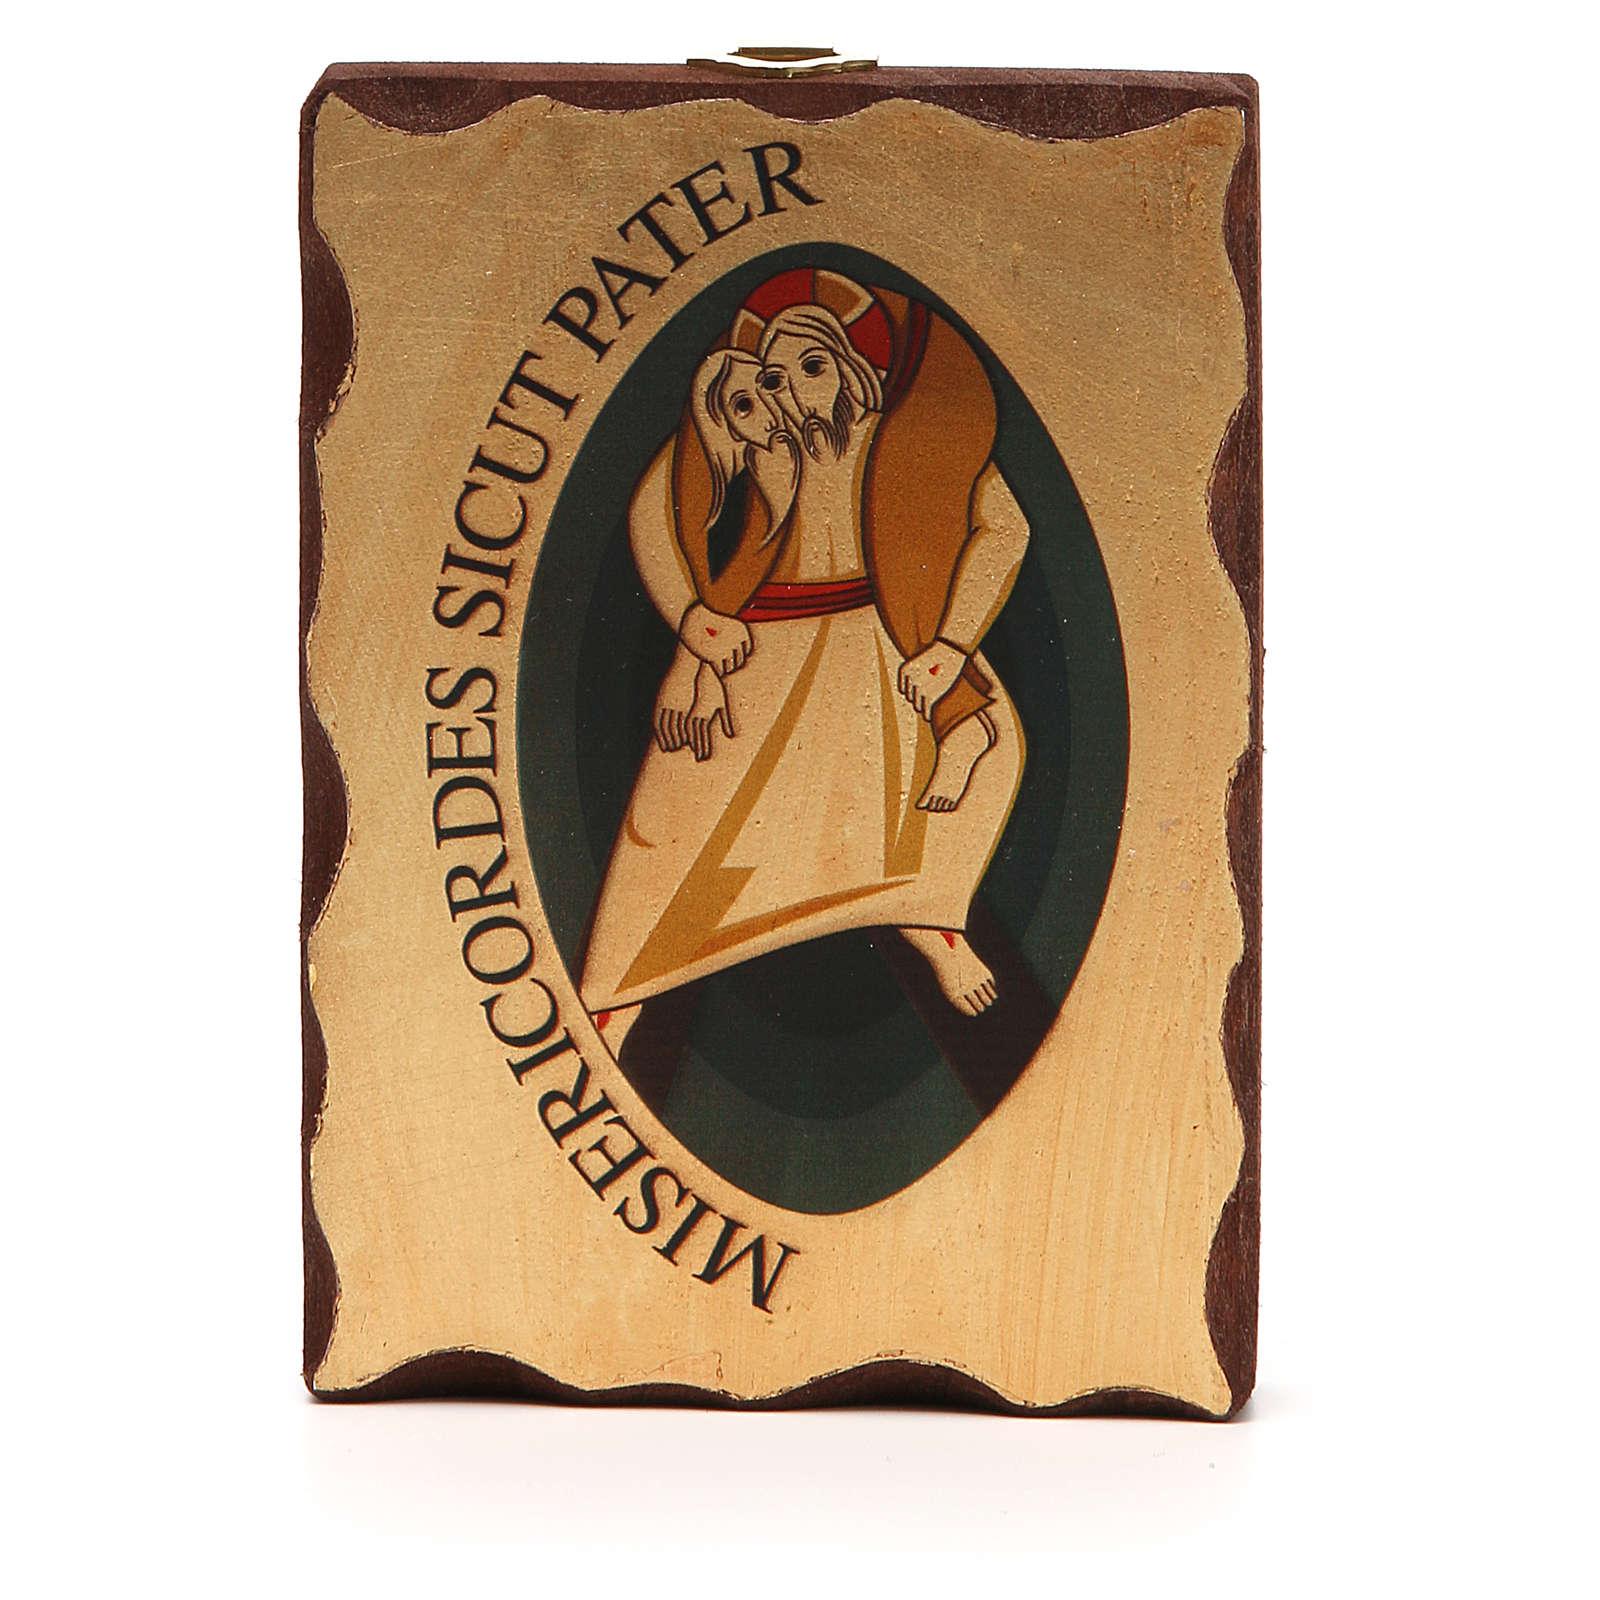 STOCK Ikona sitodruk logo Jubileuszu Miłosierdzia drewno 10x14 3